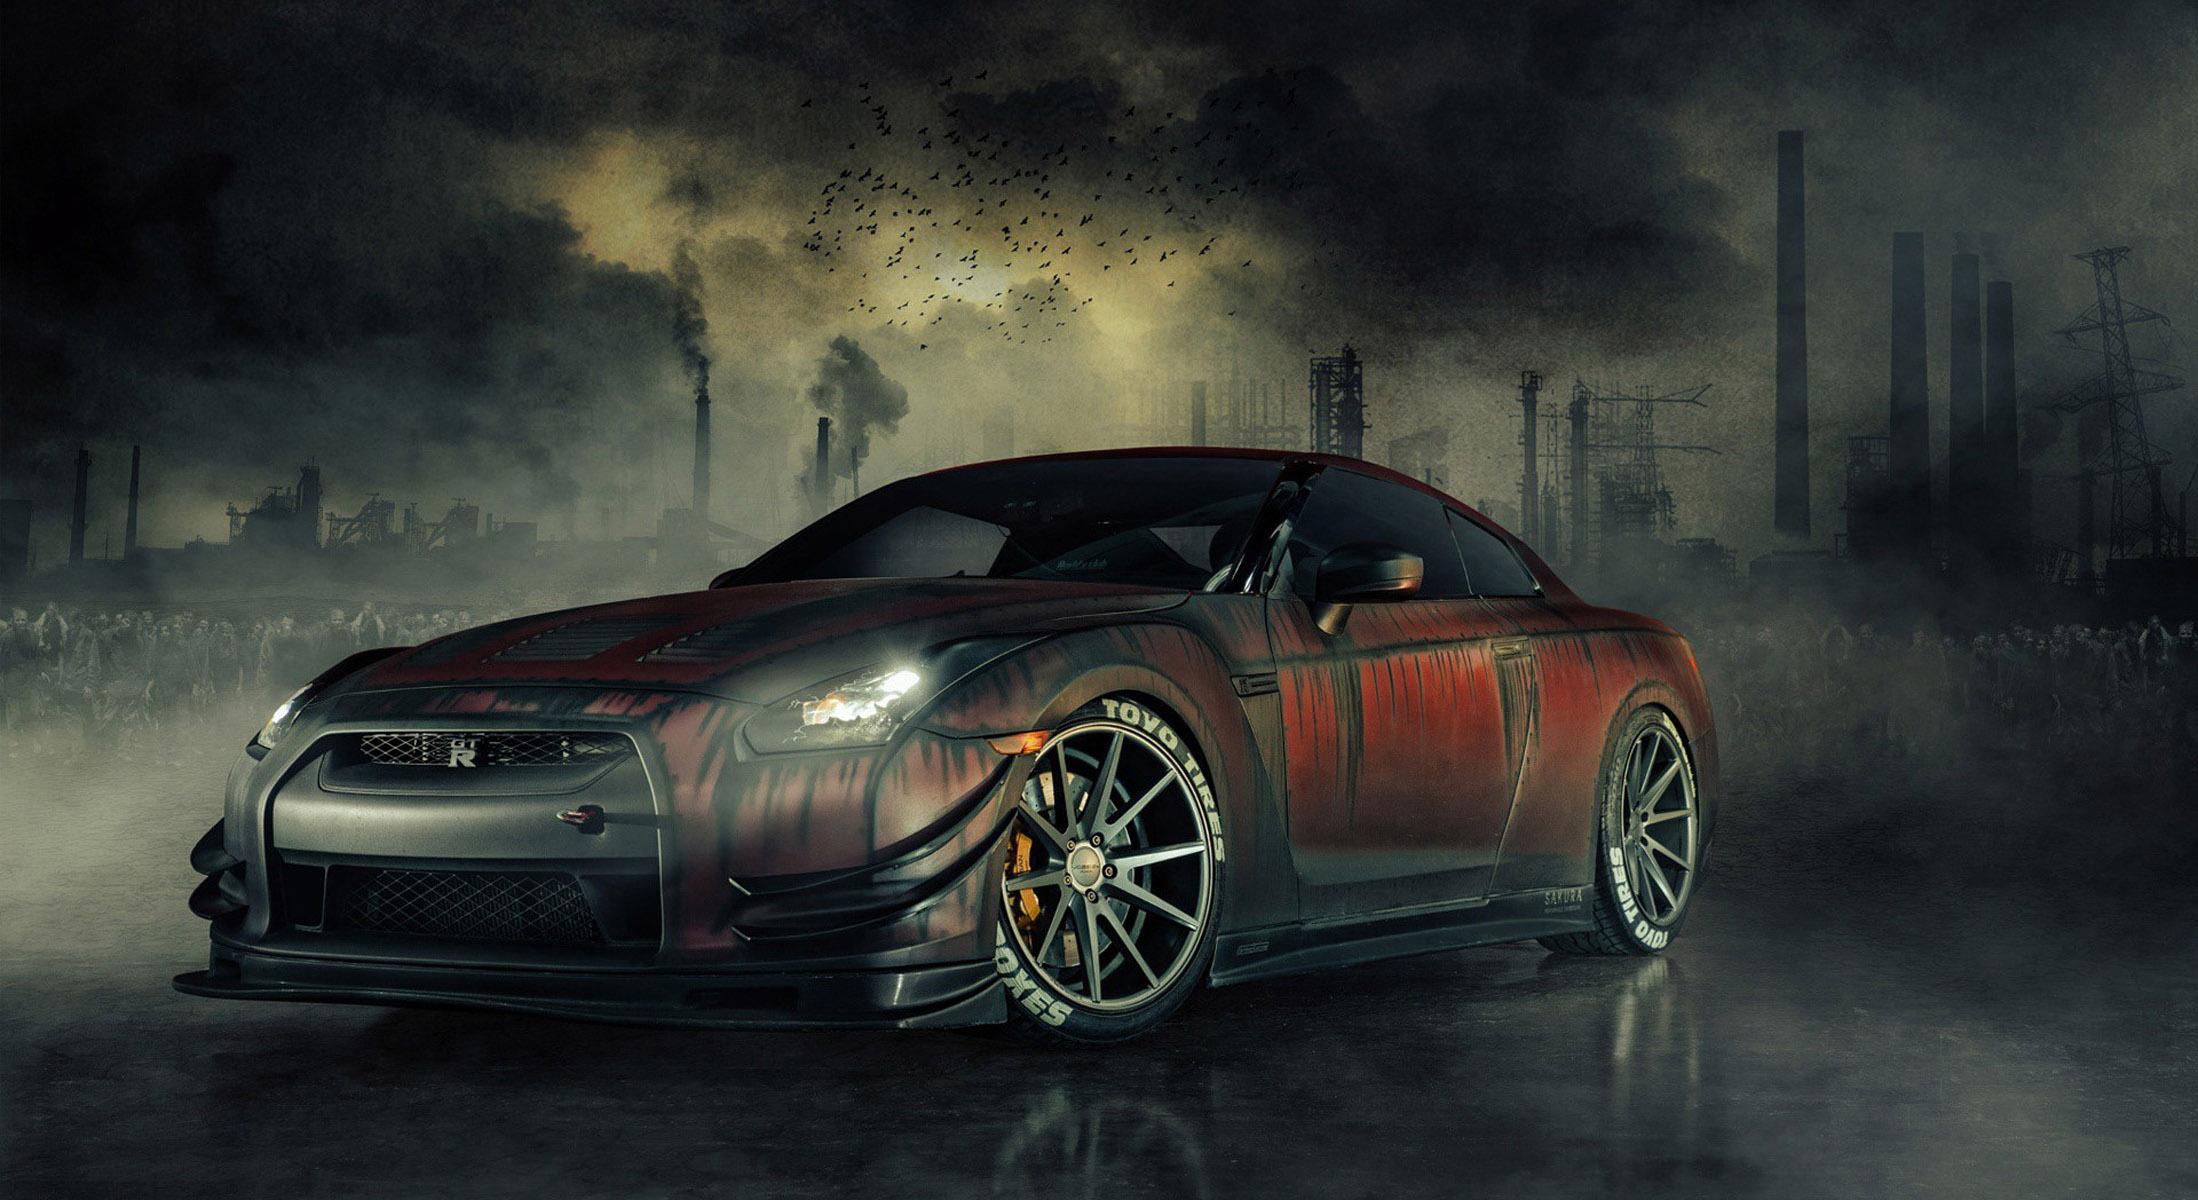 Невероятные и красивые обои, картинки - Nissan GT-R 7